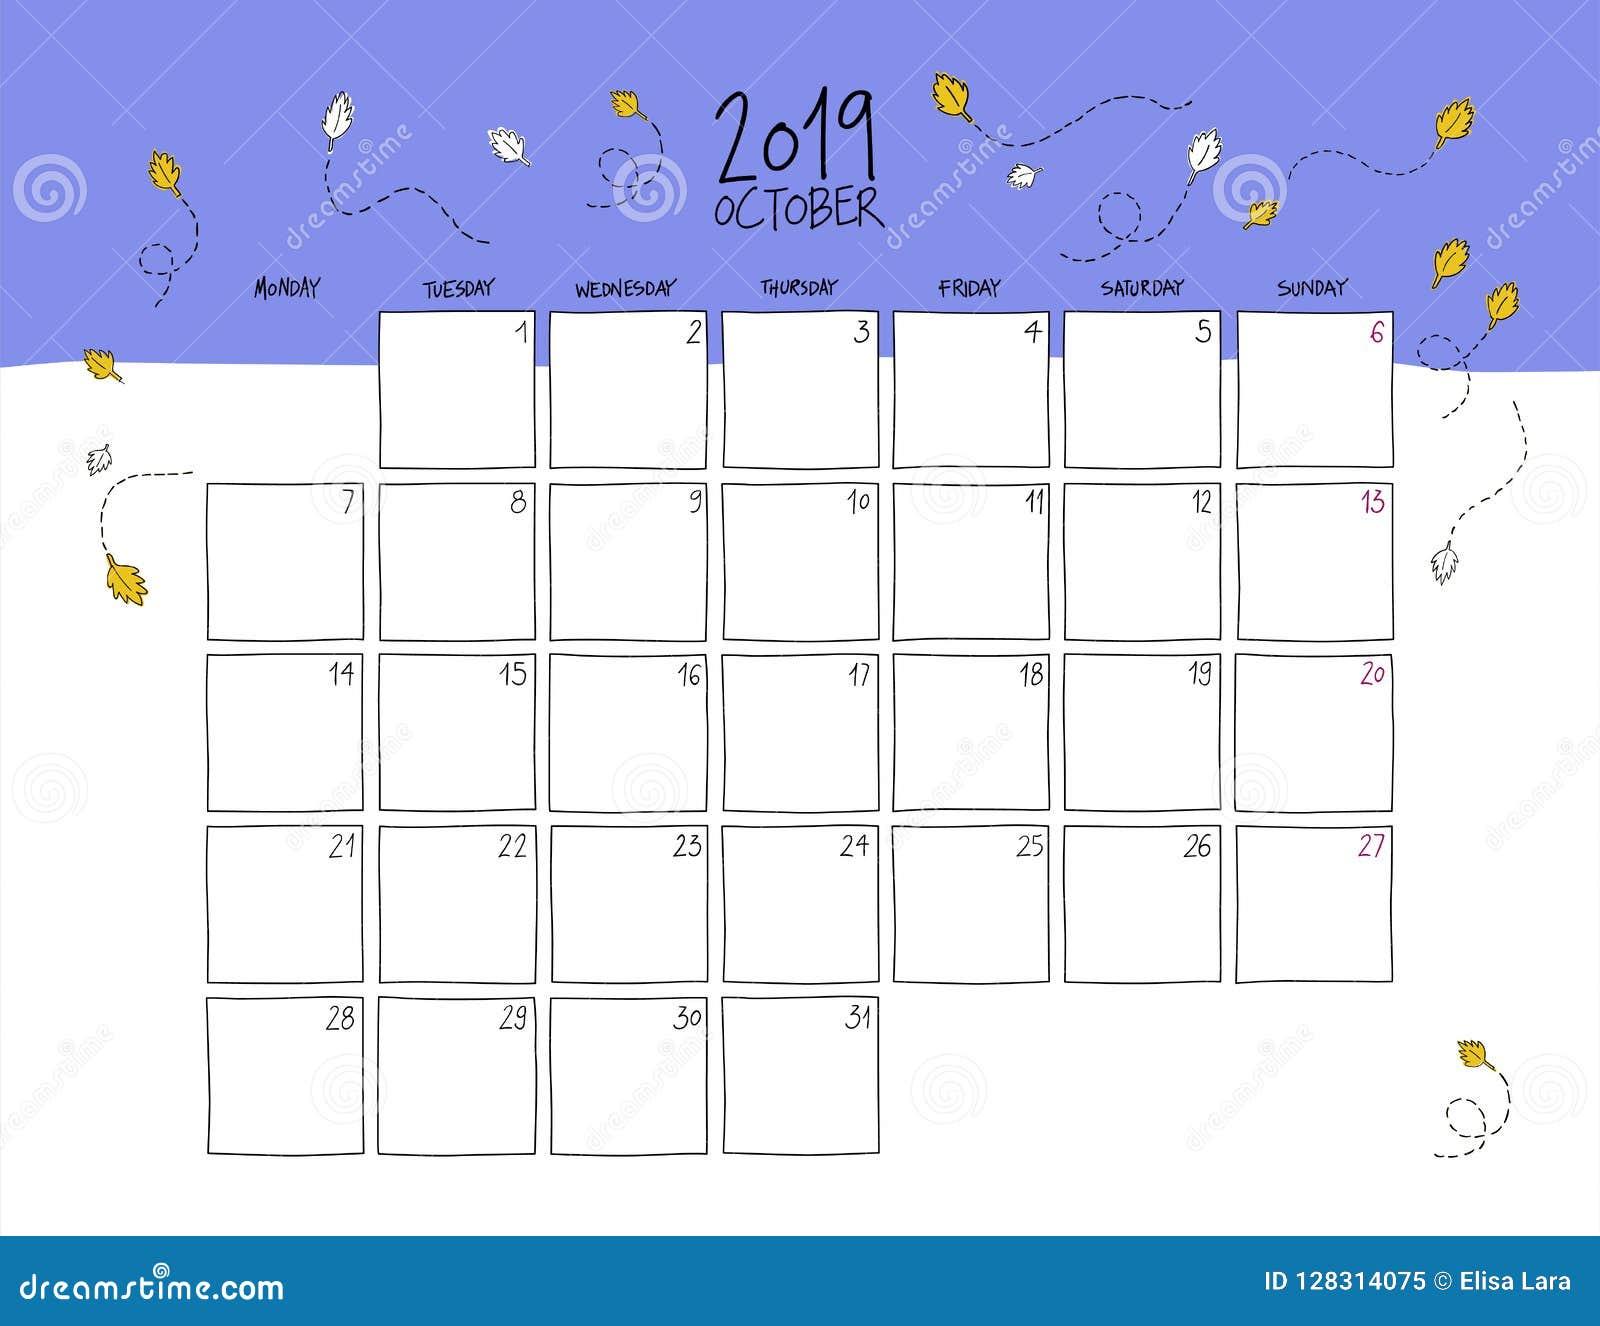 October Calendar 2019.October 2019 Wall Calendar Doodle Style Stock Vector